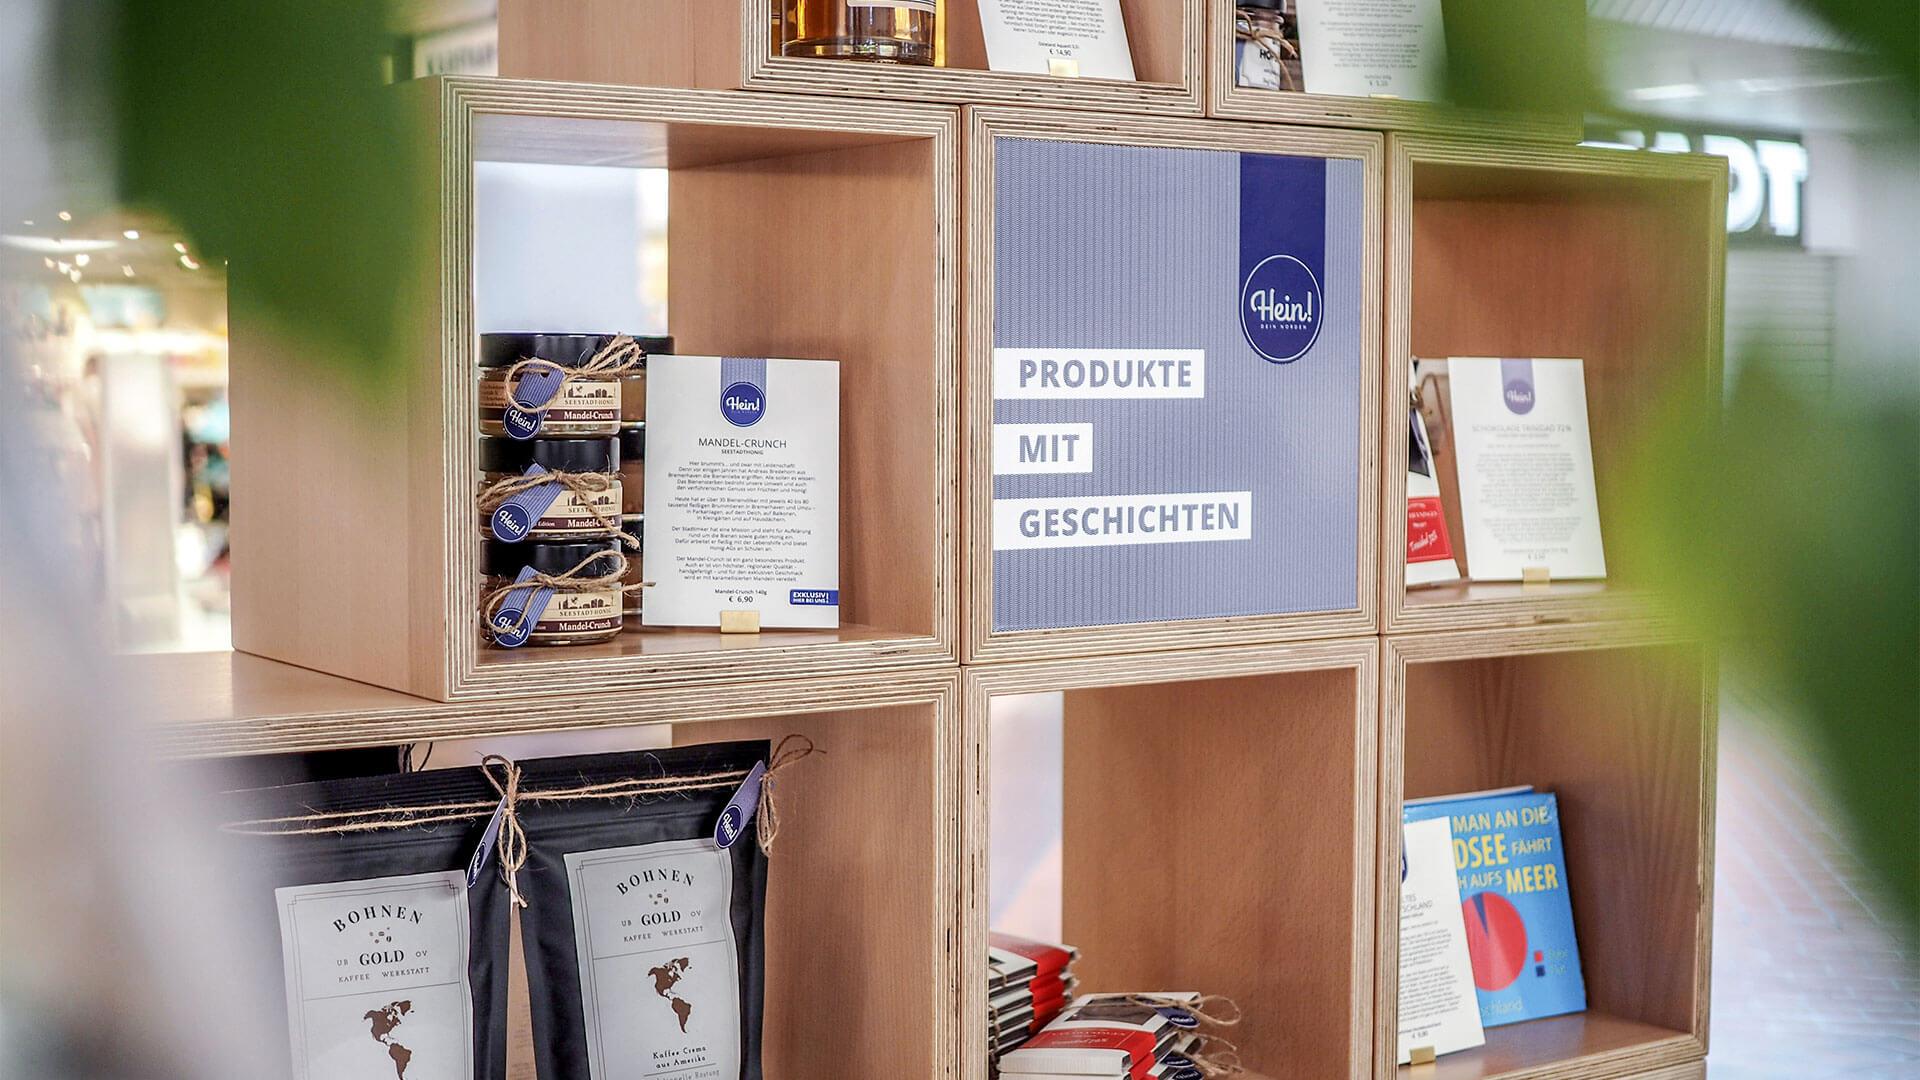 DE DRIFFT | EIN BUSINESS MODELL AUS DER REGION FÜR DIE REGION